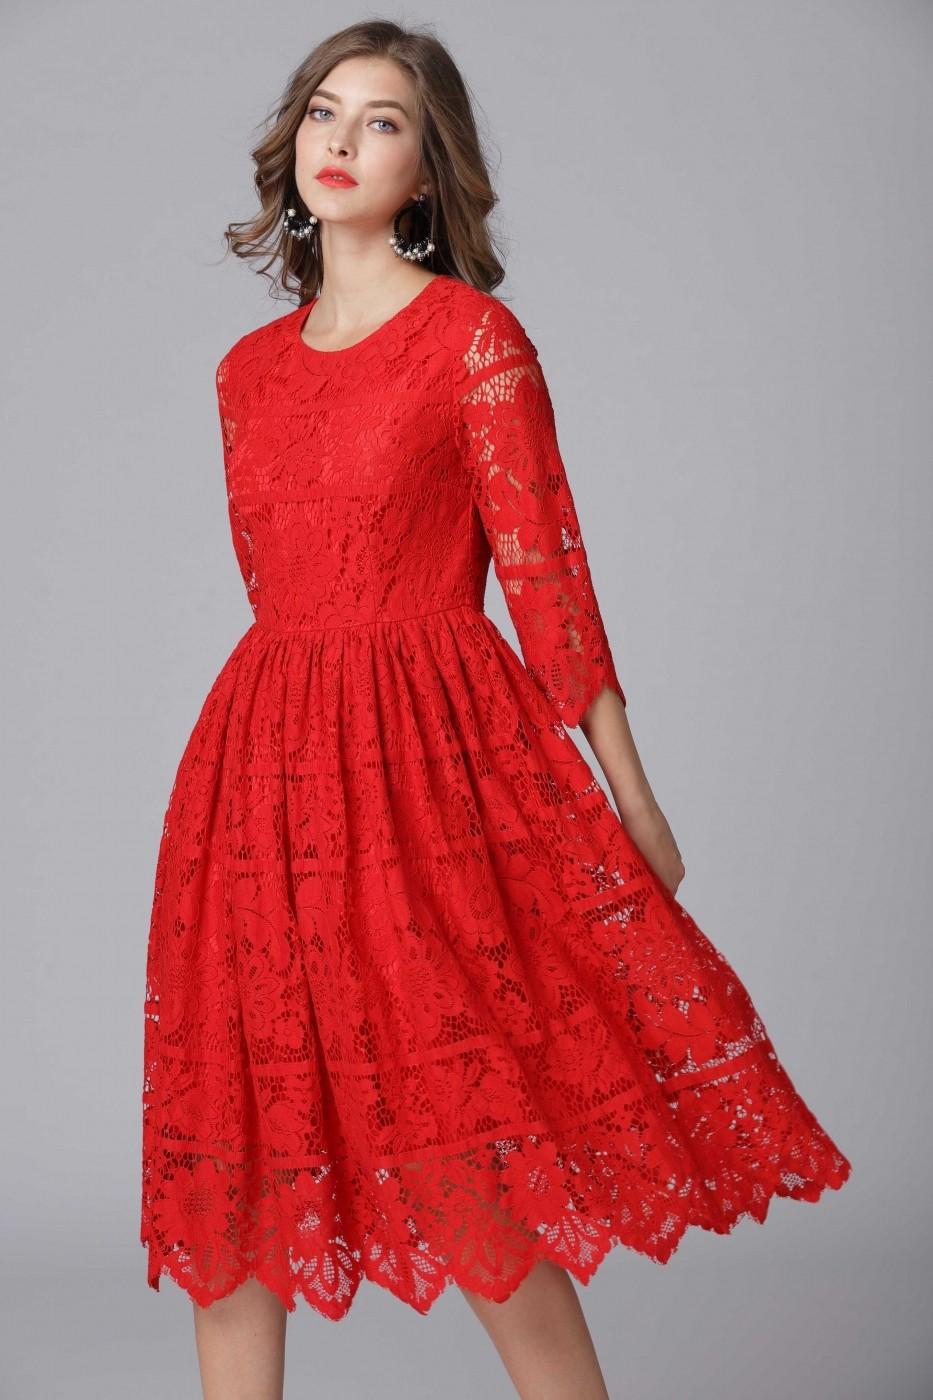 3df00edc83 Taoyizhuai Estélyi ruha ATL-14-14098_Red Piros - FashionUP!